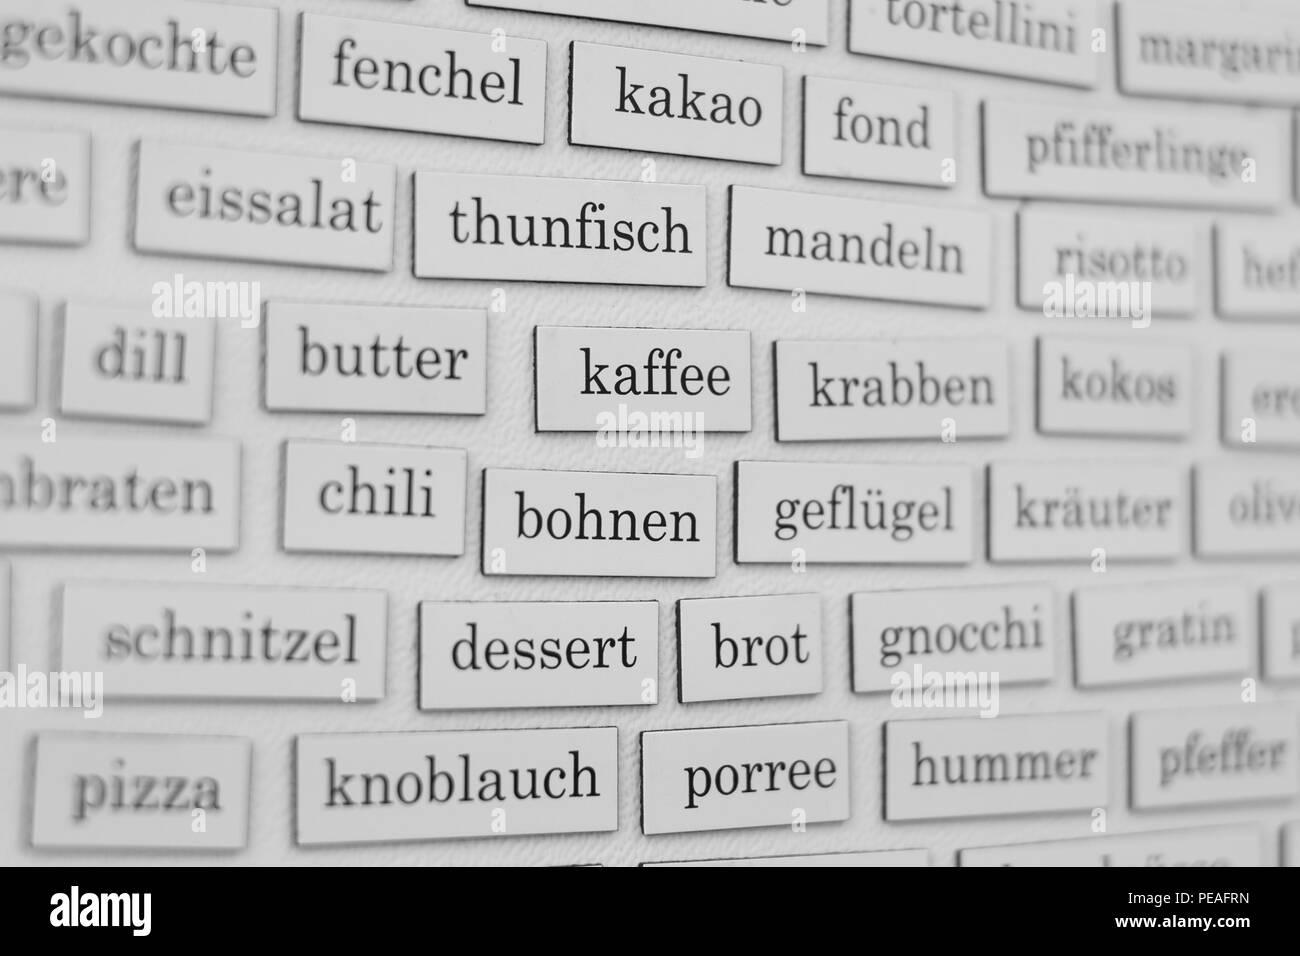 Essen und Kochen konzept-Wörter ein Kühlschrank Stockbild